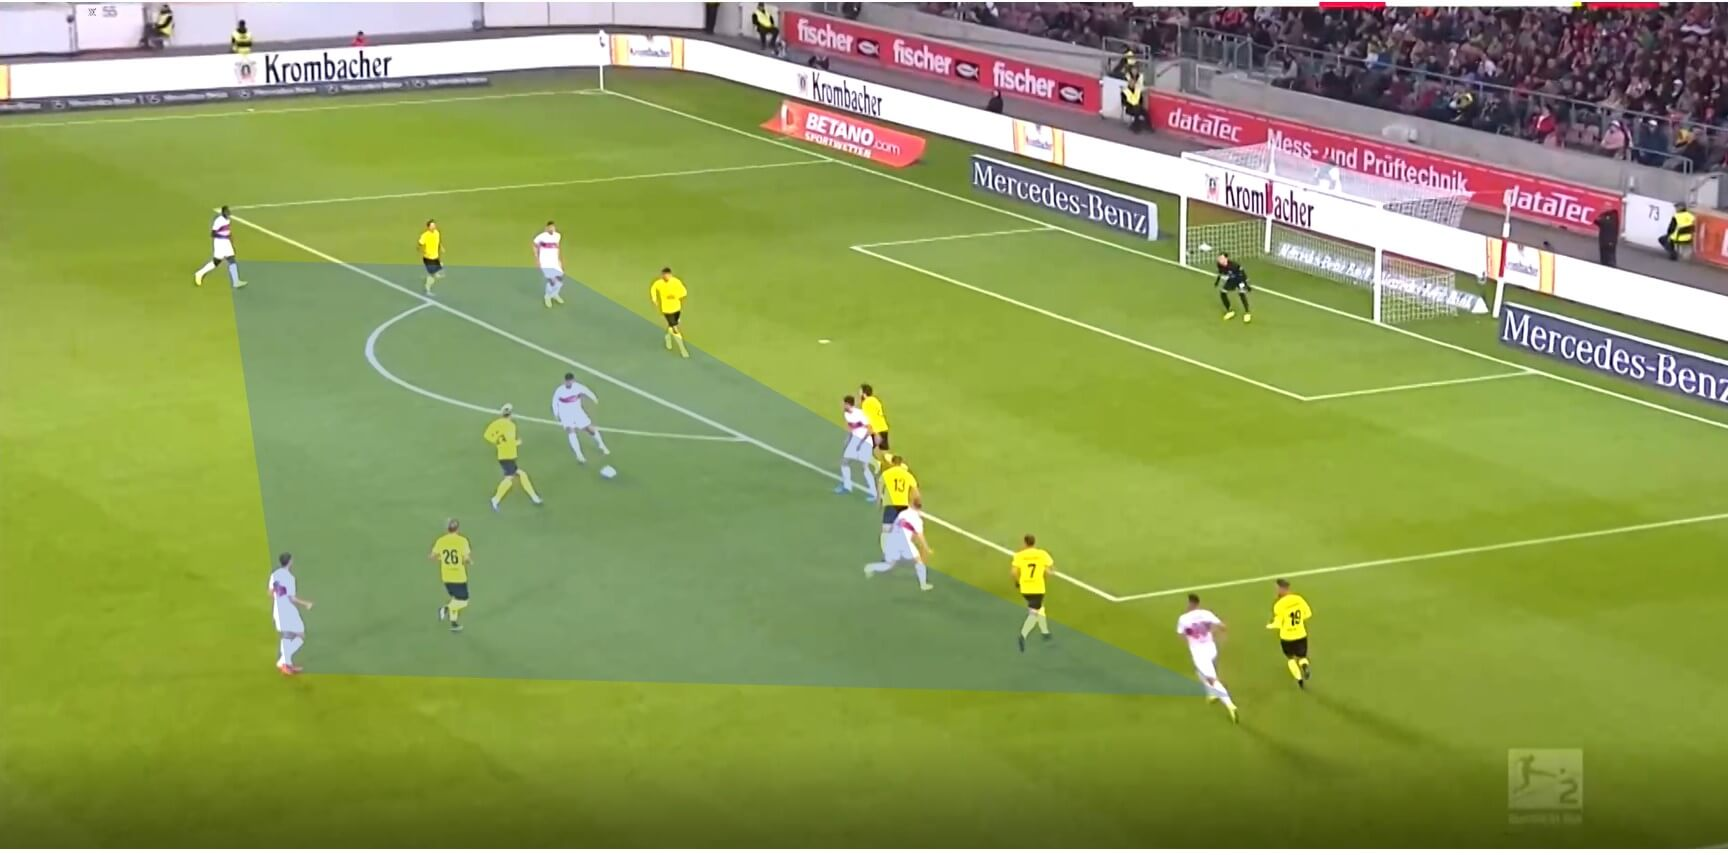 Tim Walter at VfB Stuttgart 2019/20-tactical analysis tactics